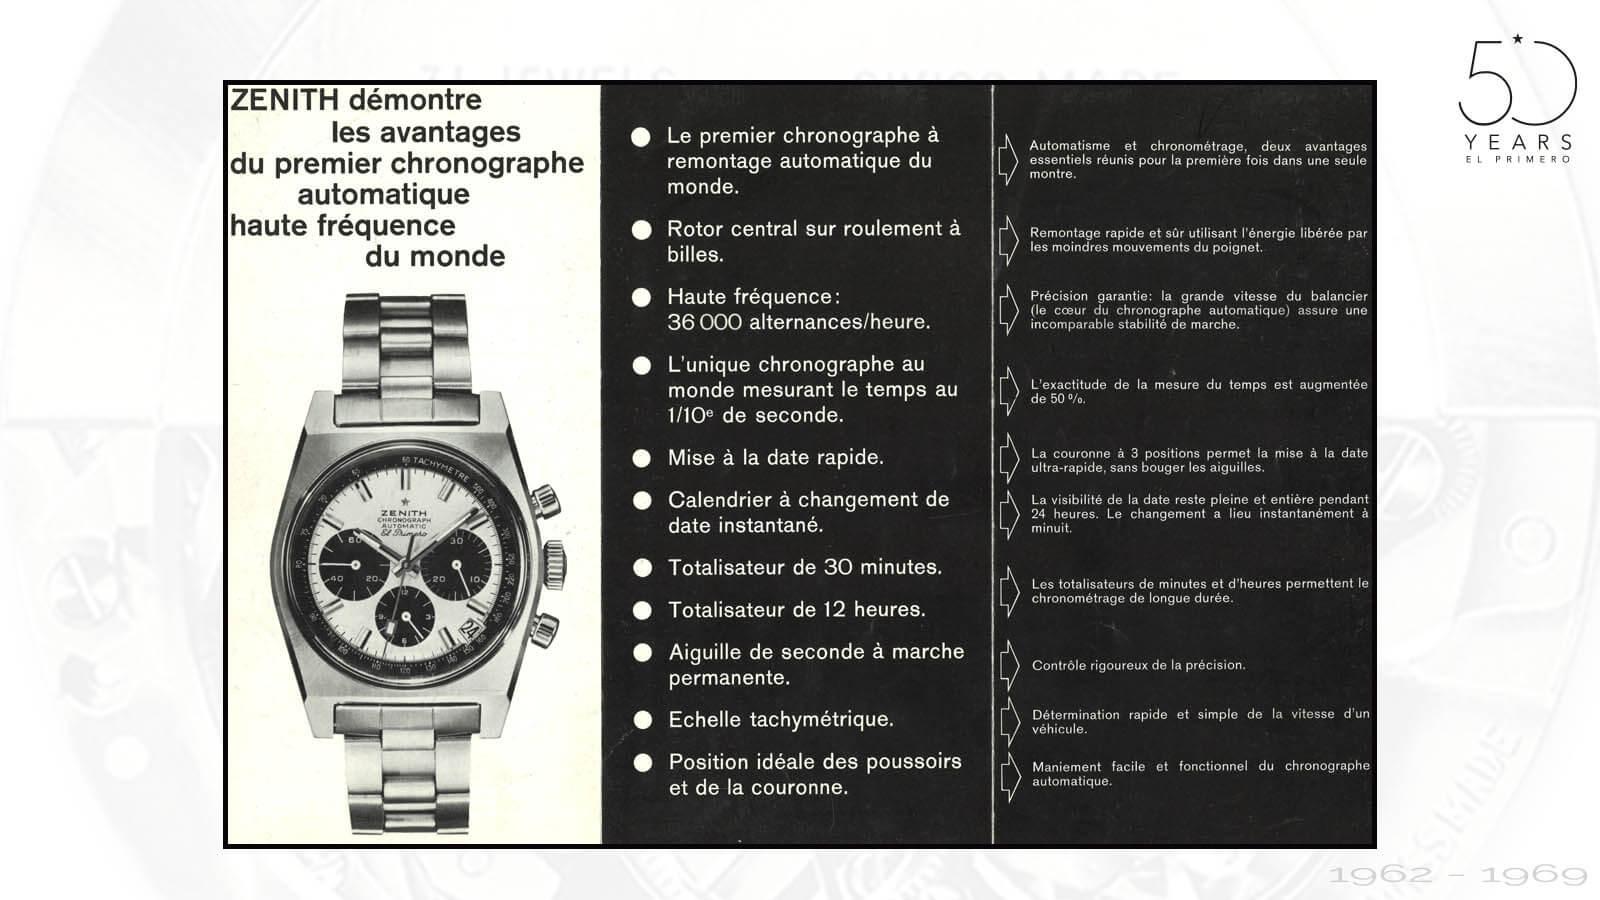 Werbeanzeige für El Primero von Zenith um 1969 in französischer Sprache